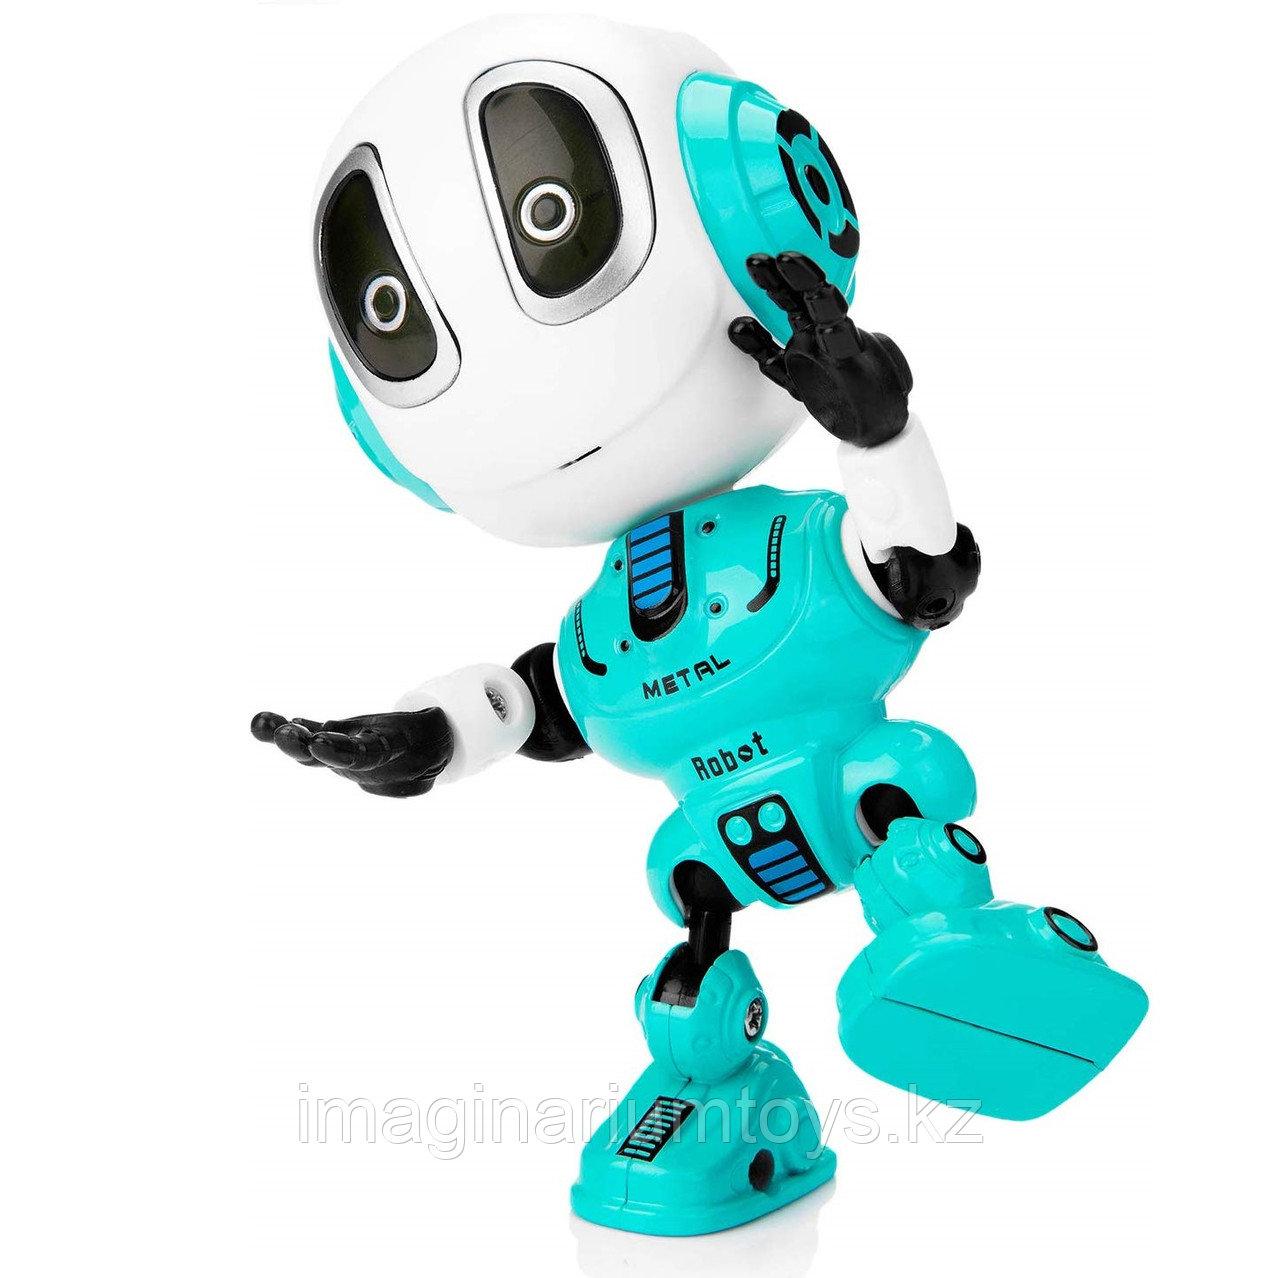 Игрушка робот интерактивный в мятном цвете